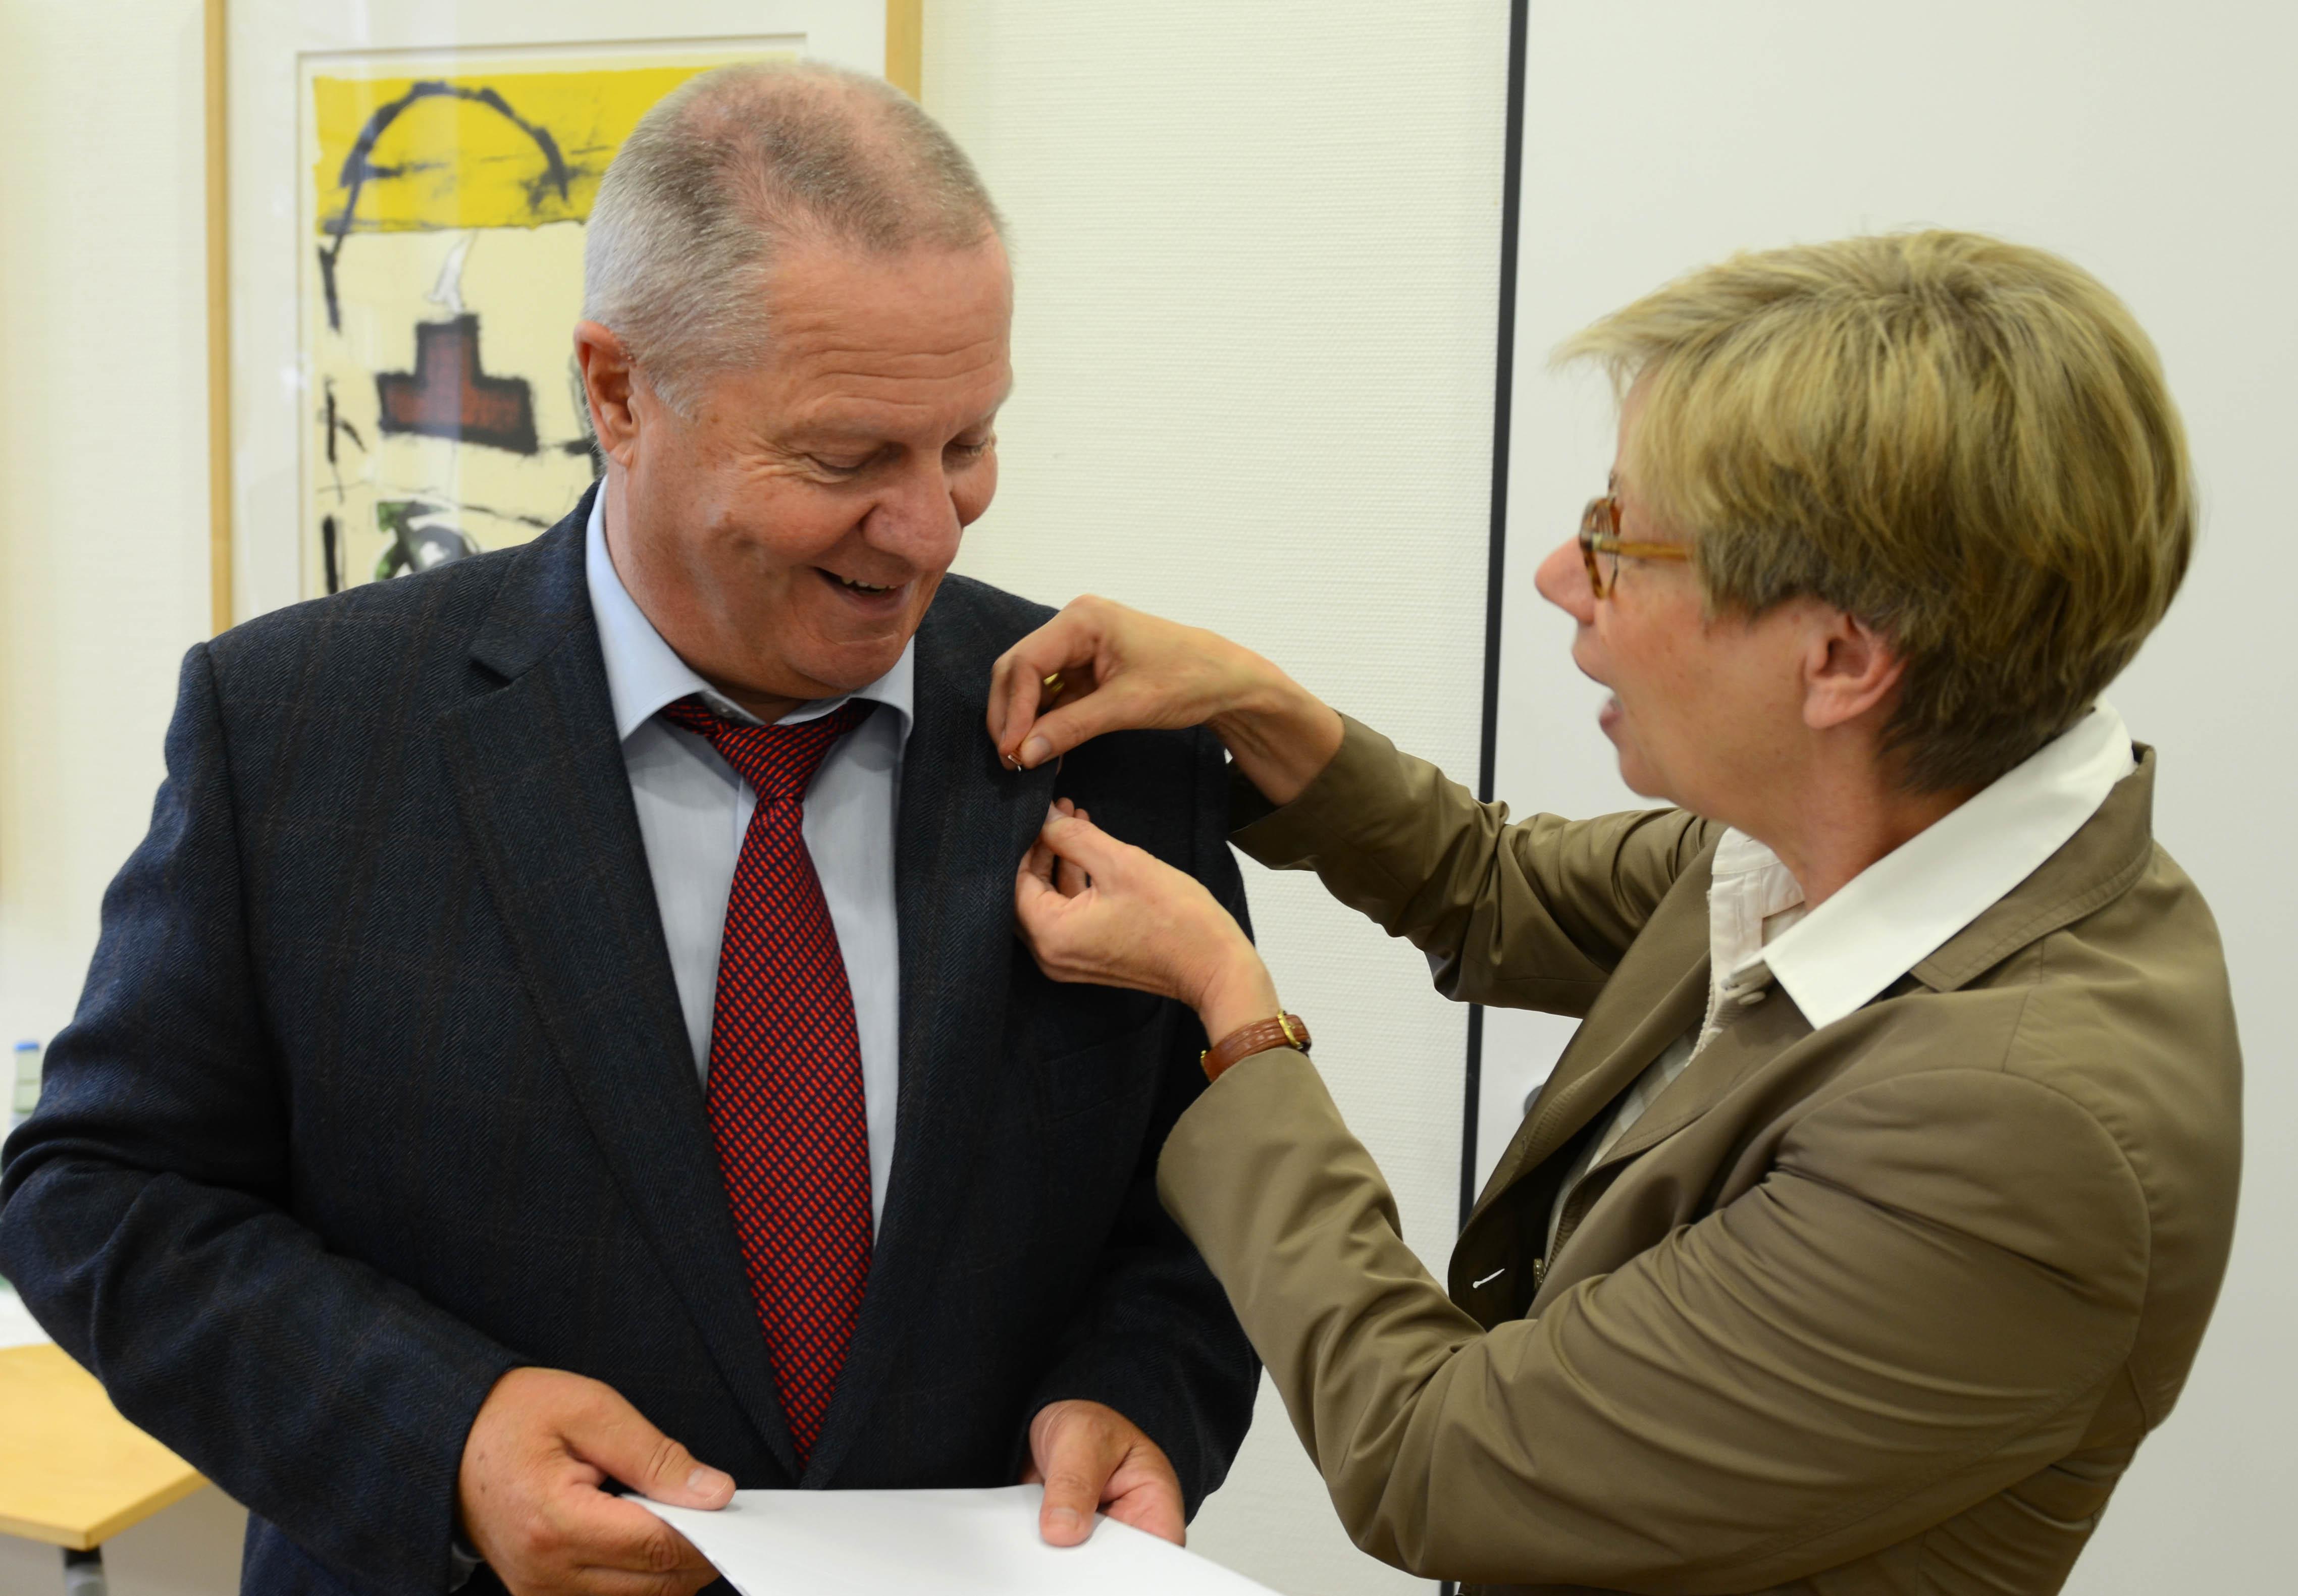 Präsidentin steckt Mann eine Nadel ans Revers.